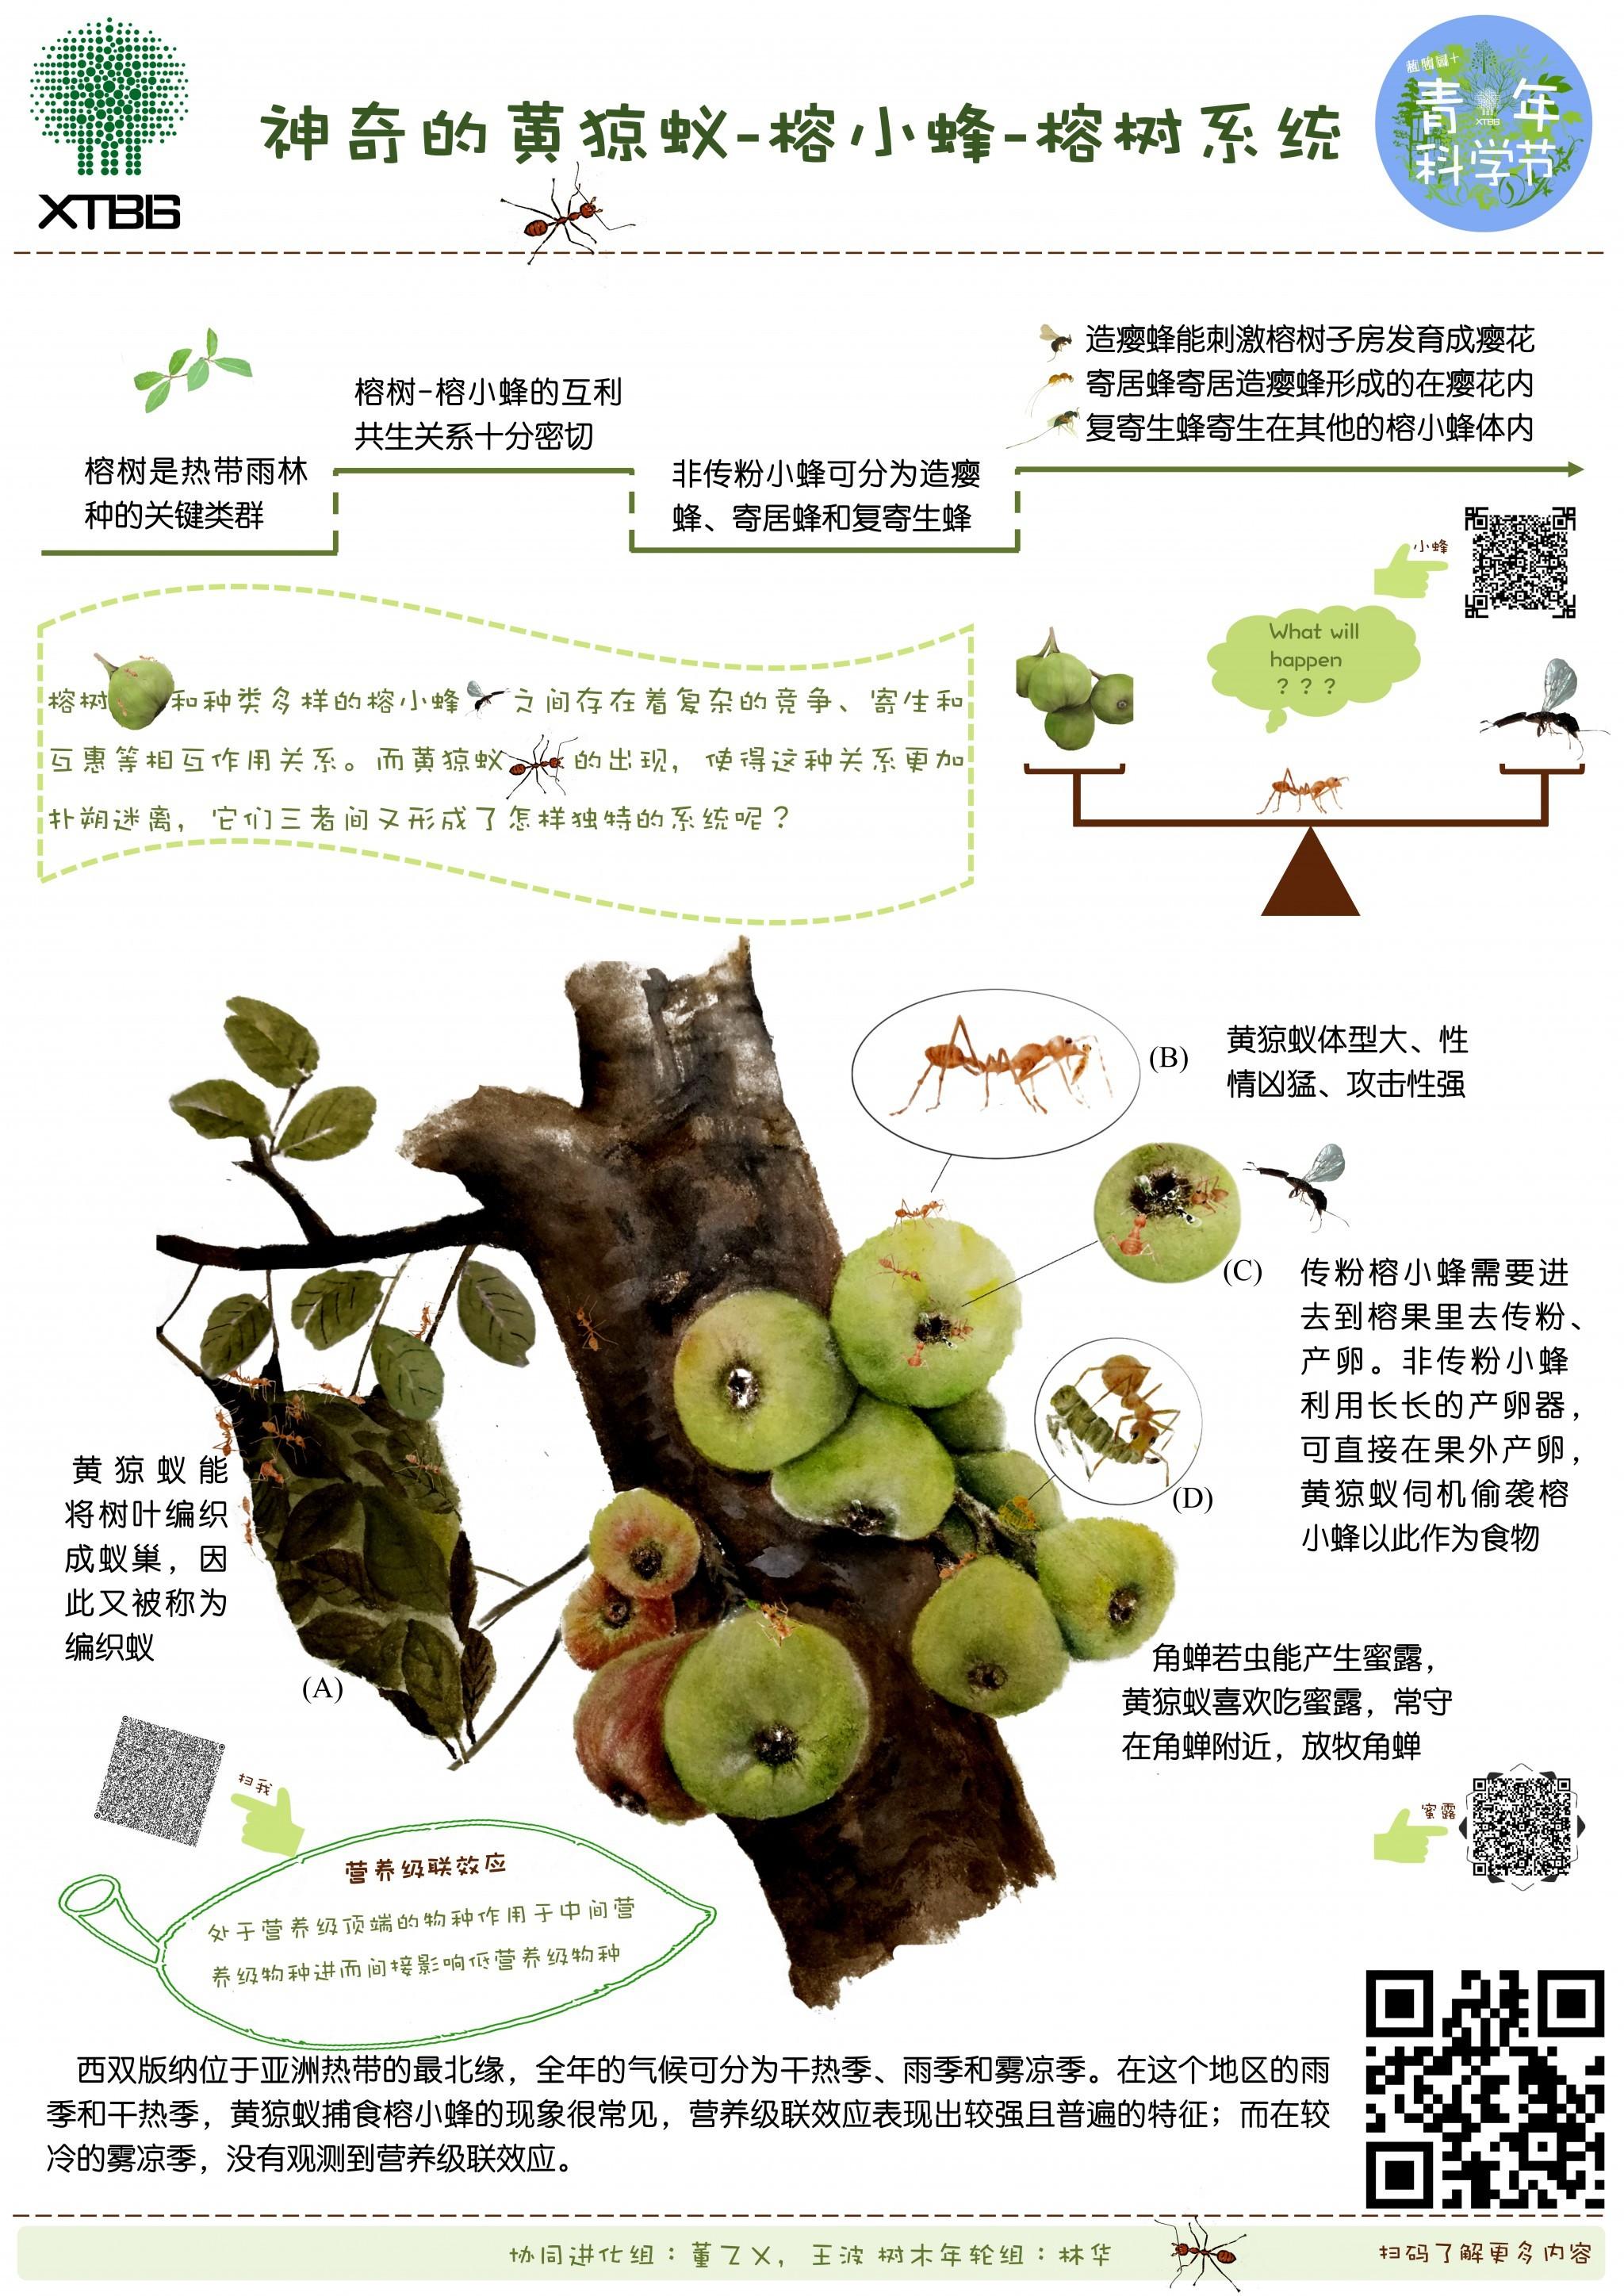 神奇的黄猄蚁-榕小蜂-榕树系统(作者:董乙乂)